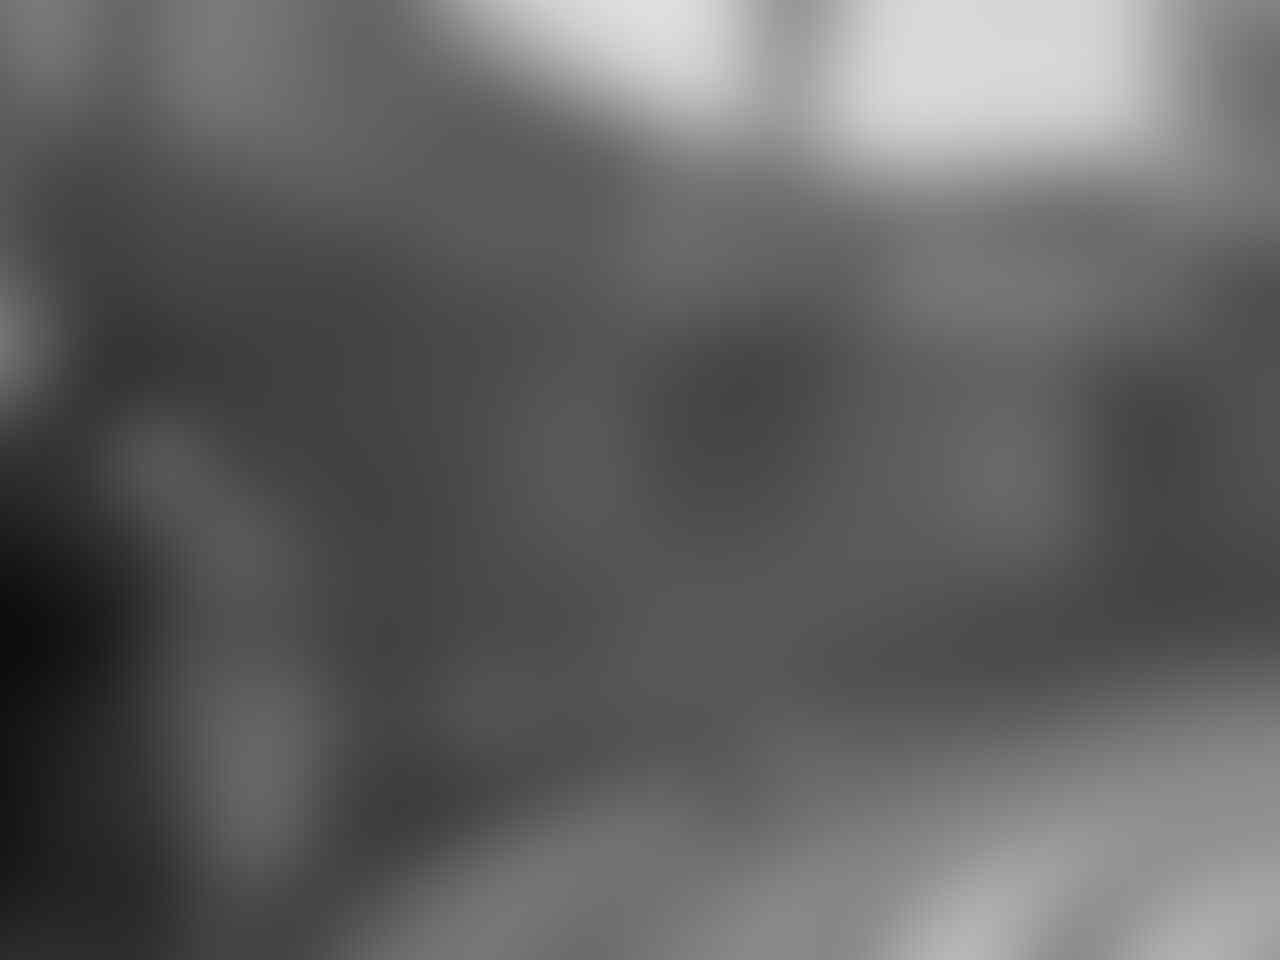 [CPNS + BUMN] Kumpulan Semua Lowongan CPNS + BUMN KASKUS - Part 14